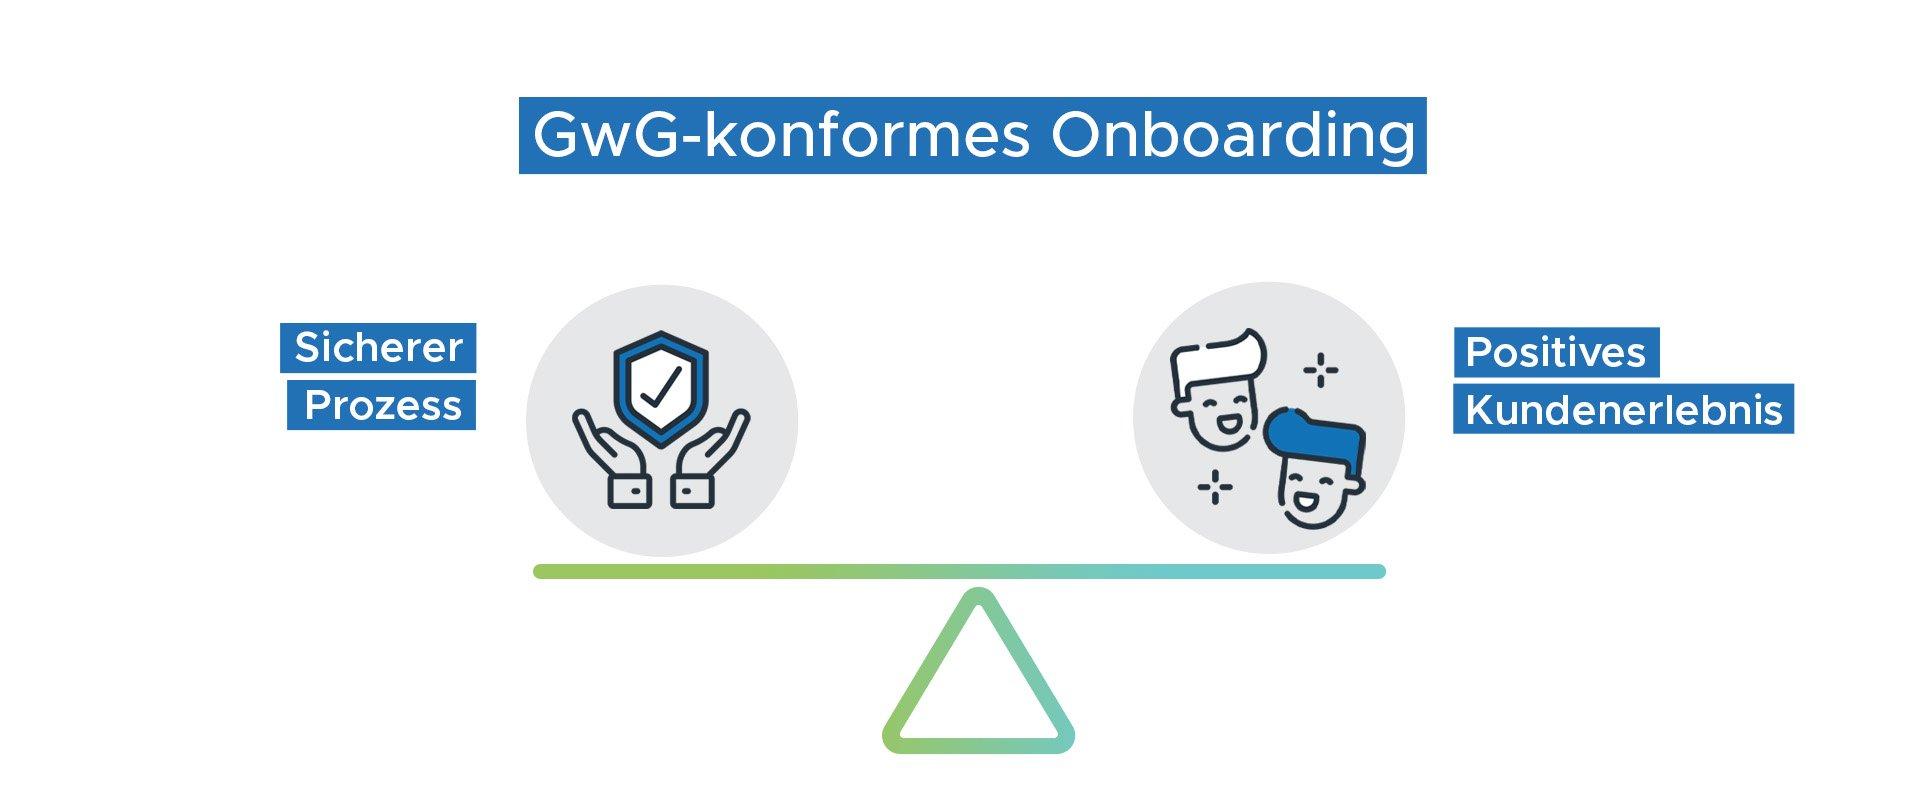 GwG-konformes Onboarding